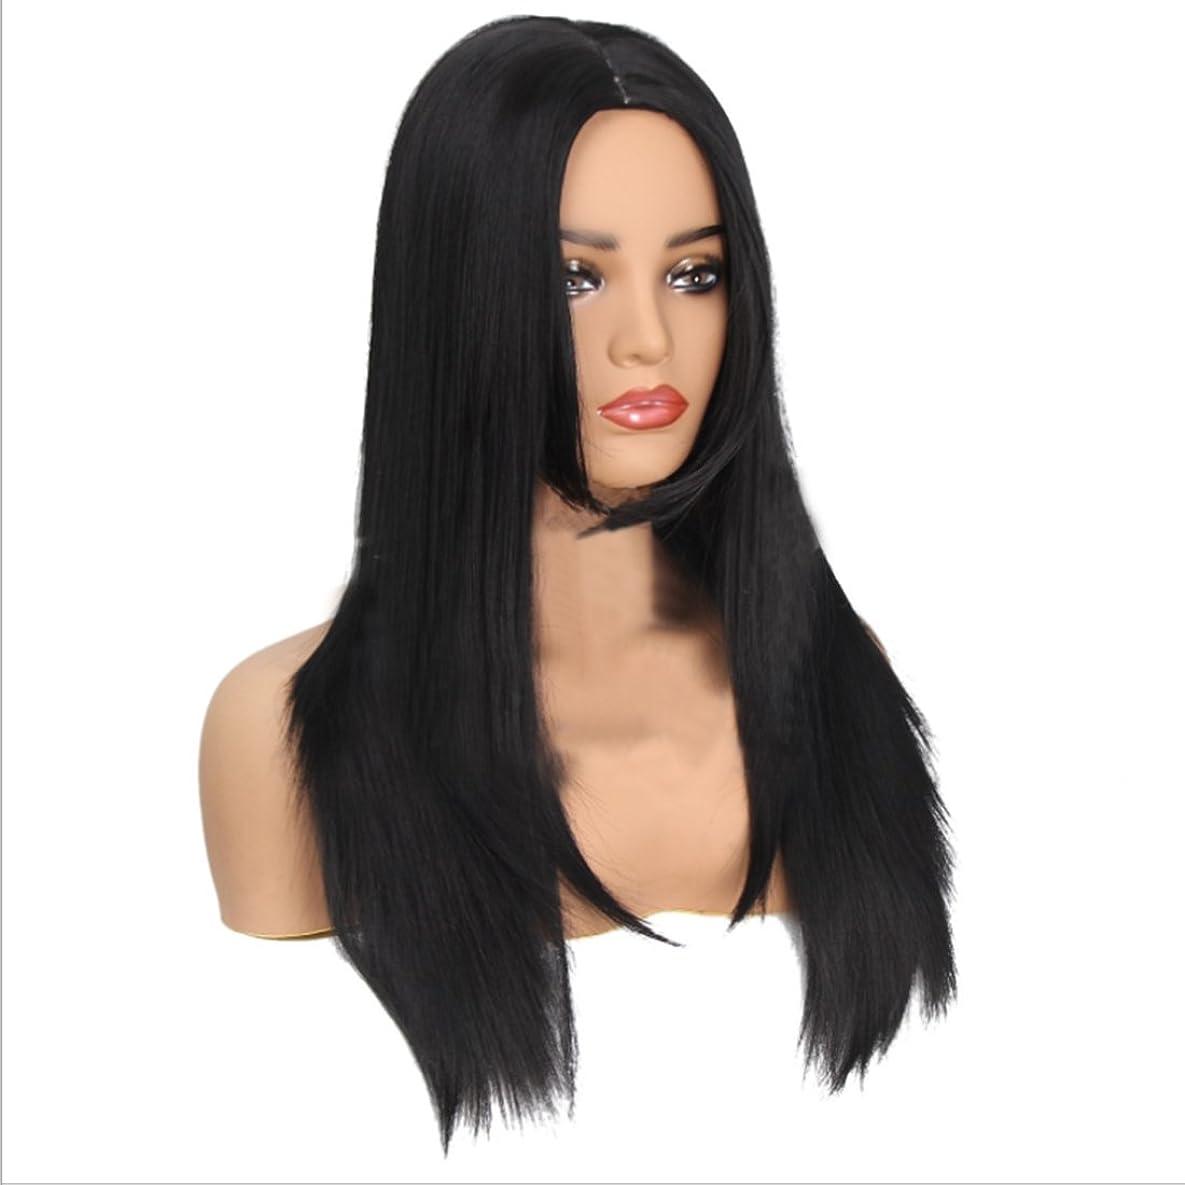 慣習保証する旅Koloeplf 女性 化学繊維 かつら 長い 耐熱 ウィッグ 人格の女性 フルヘア 自然な色 かつら (Color : ブラック)